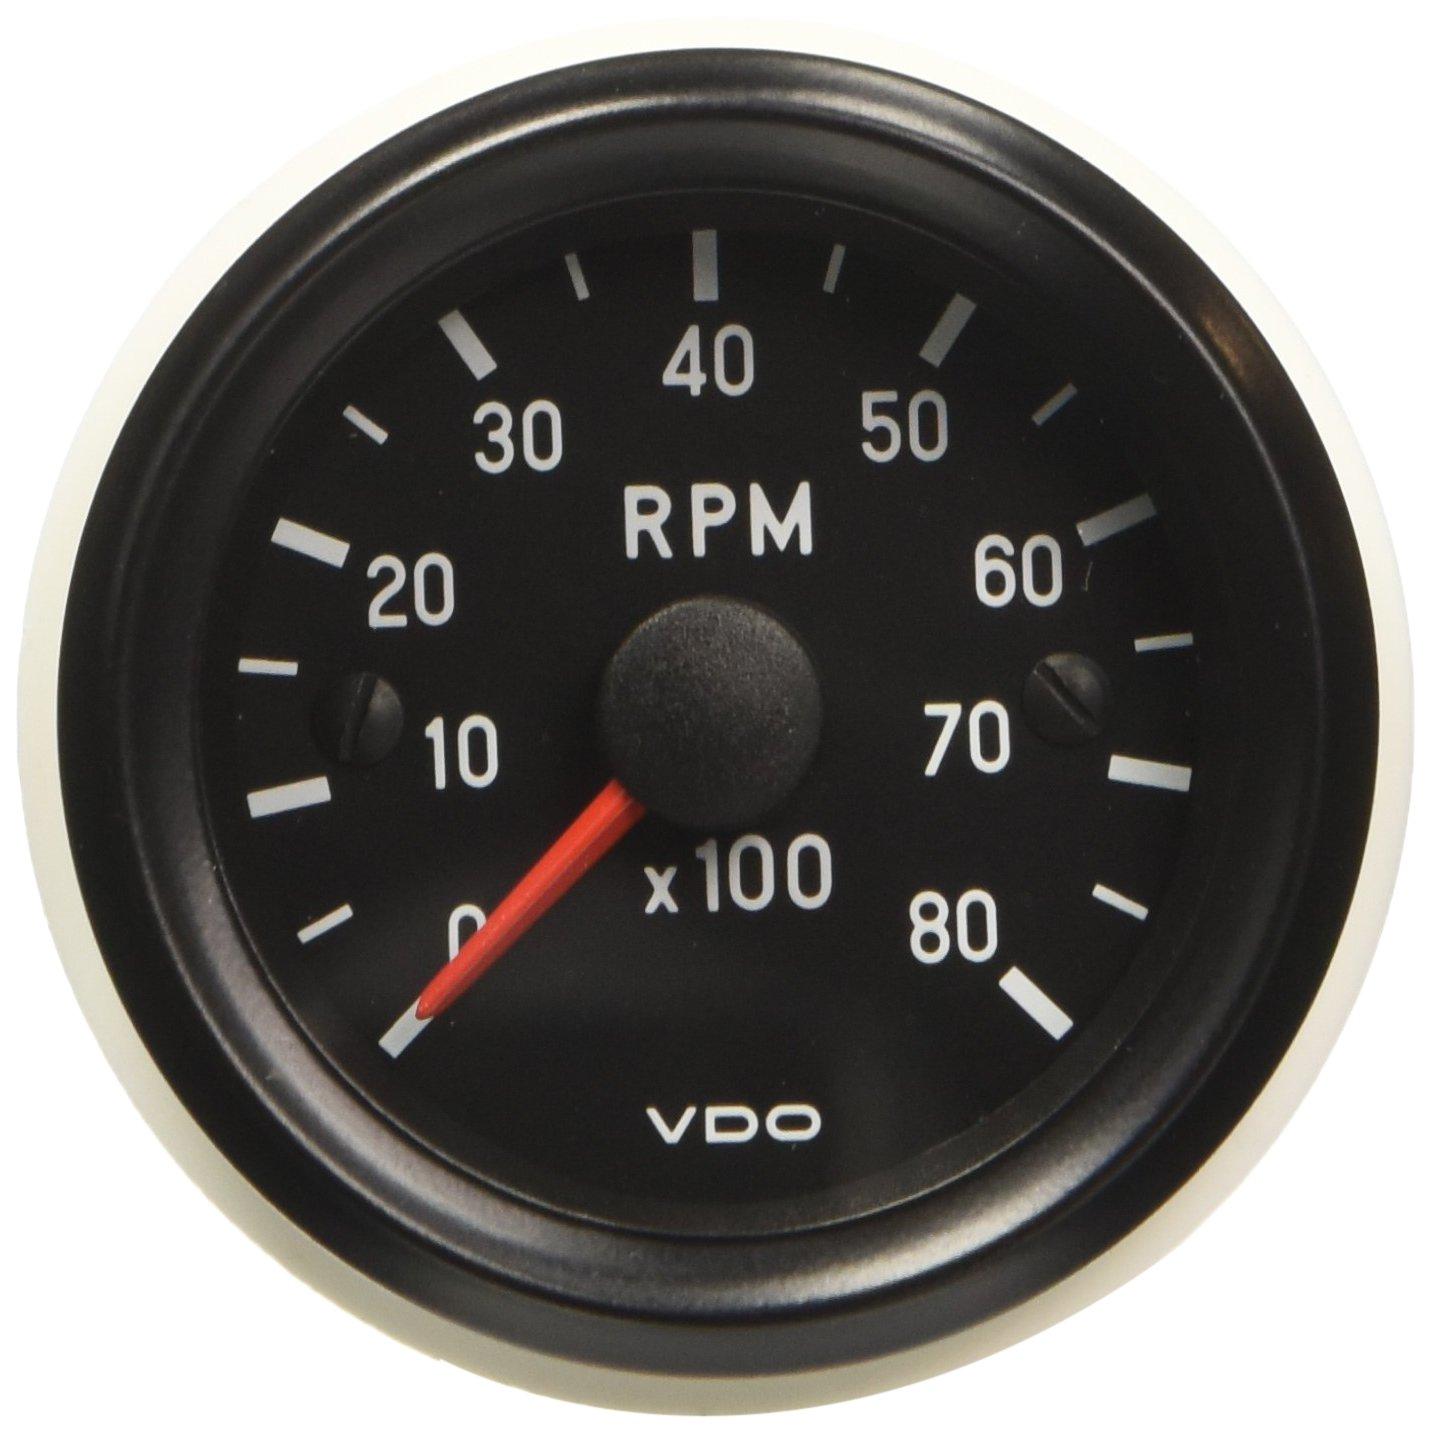 VDO 333 959 Tachometer Gauge by VDO